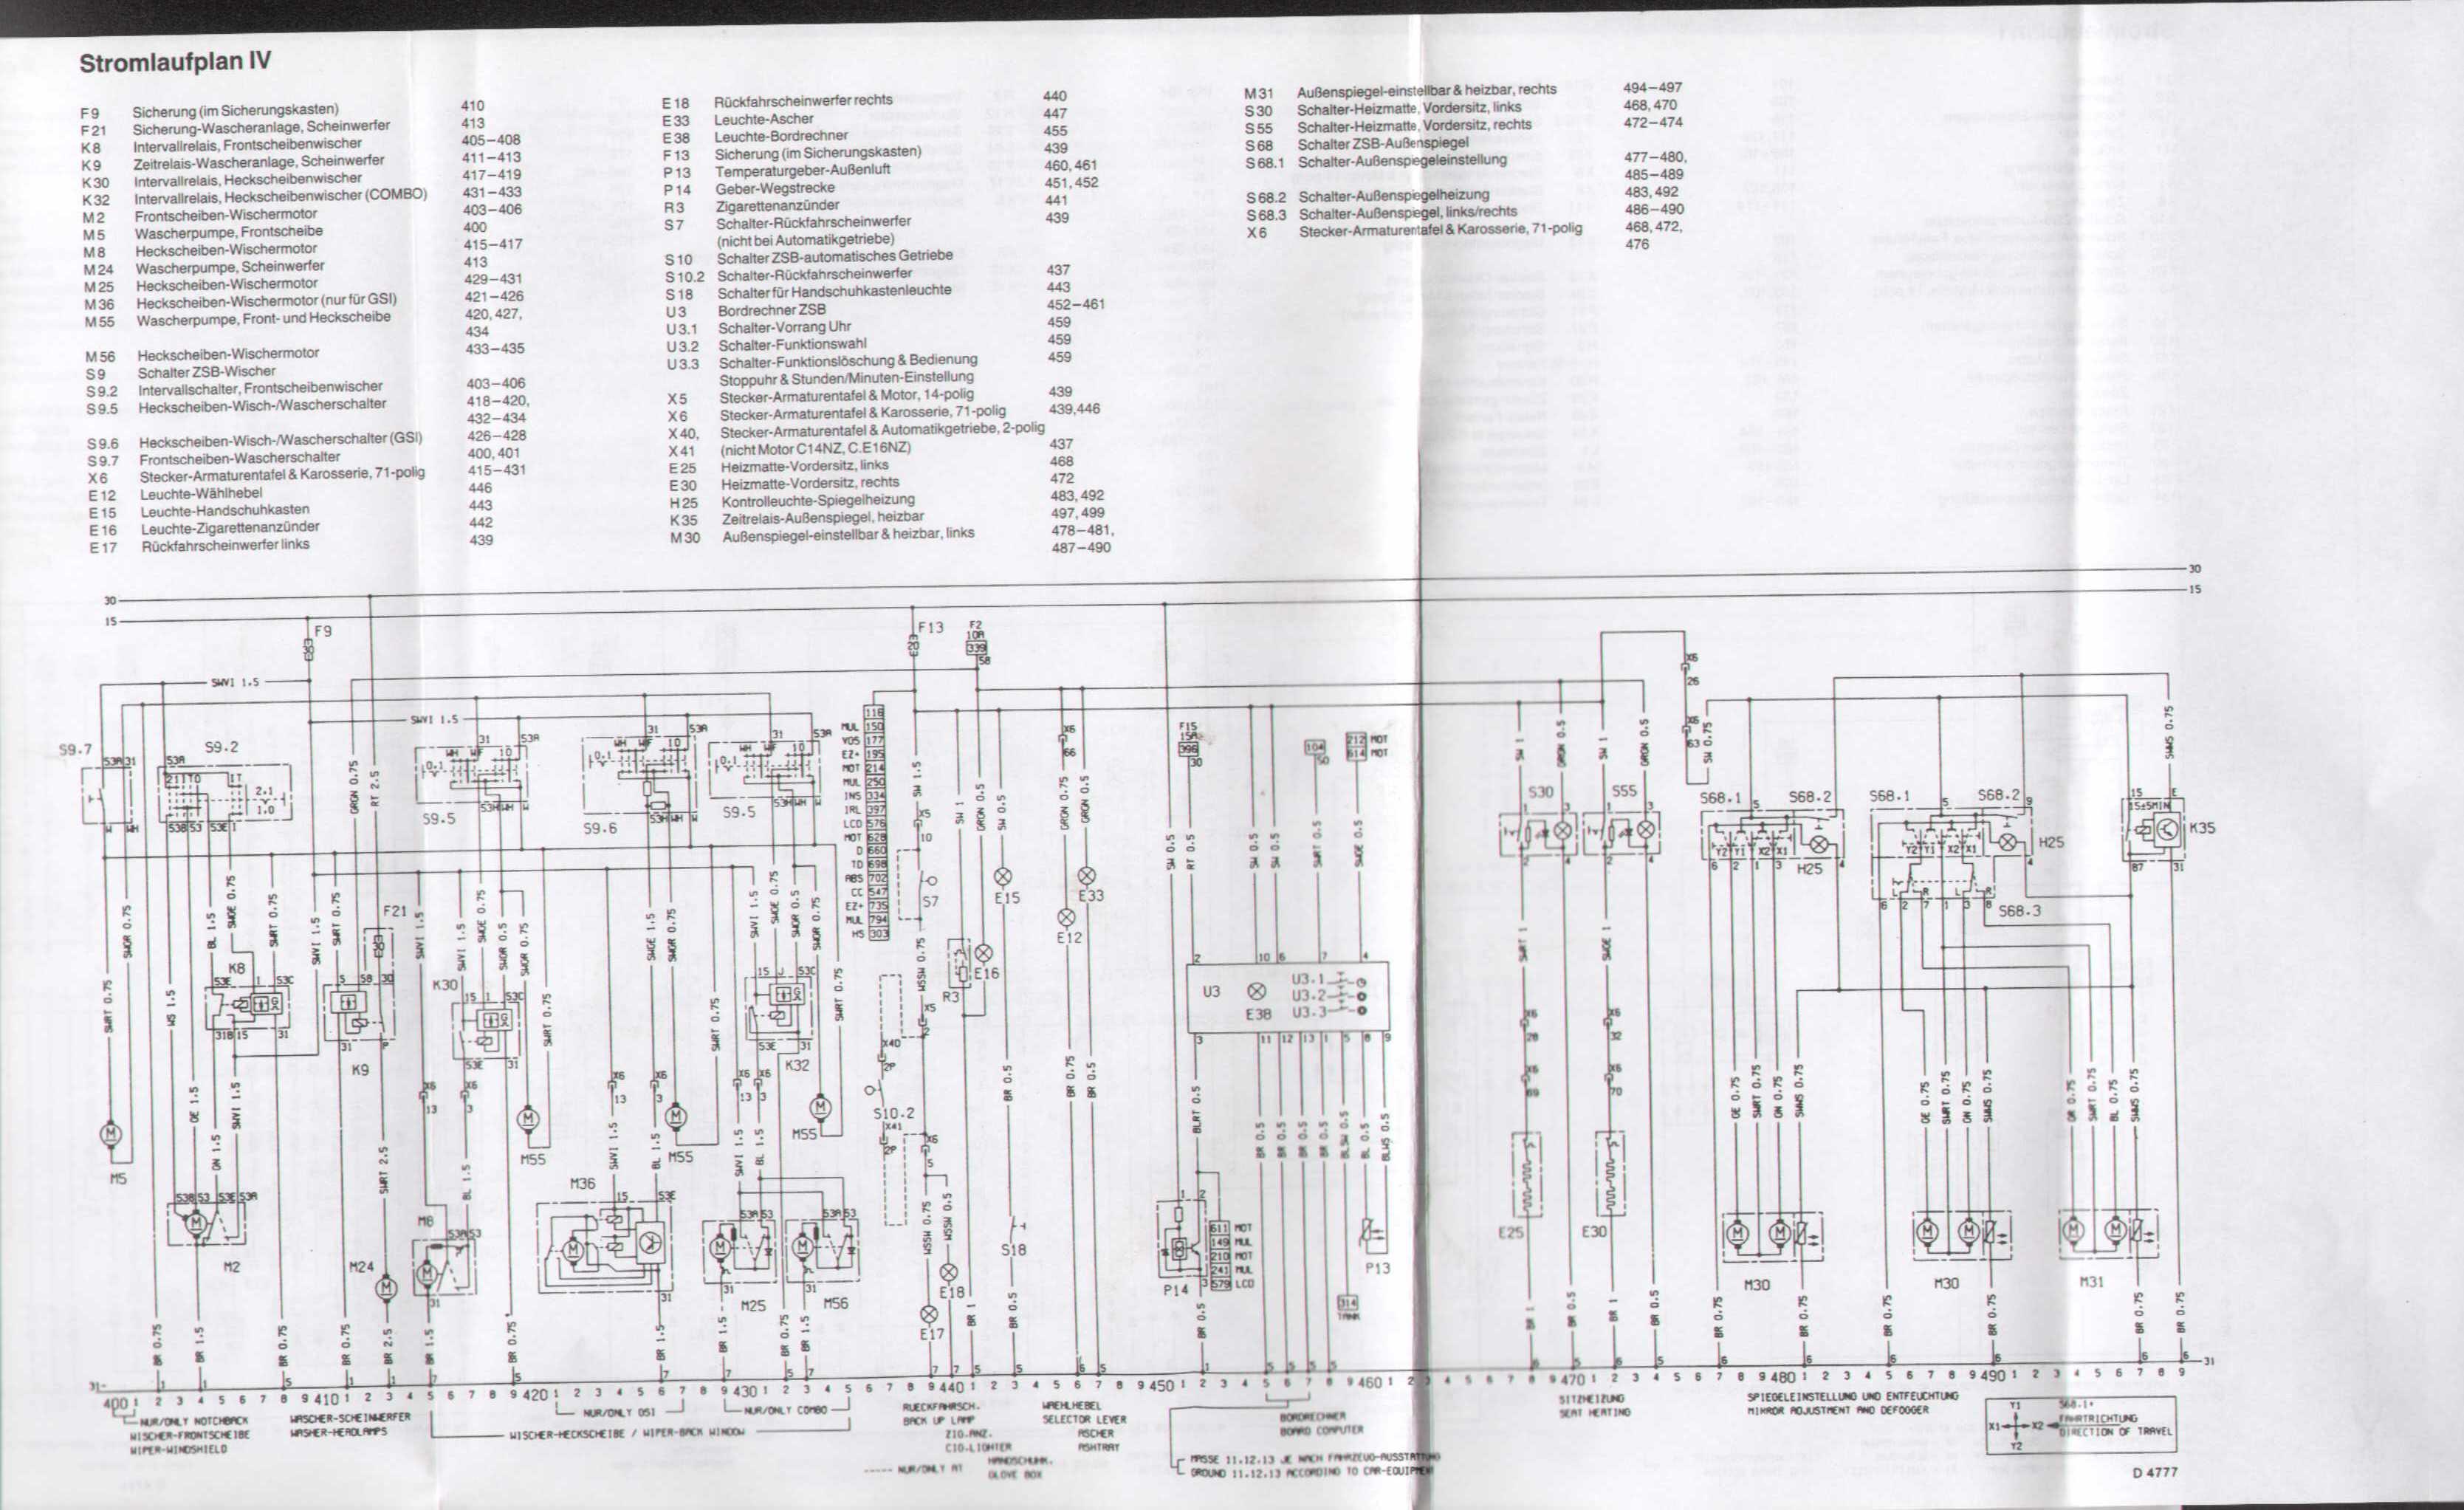 Atemberaubend 220 Trockner Stecker Schaltplan Fotos - Elektrische ...